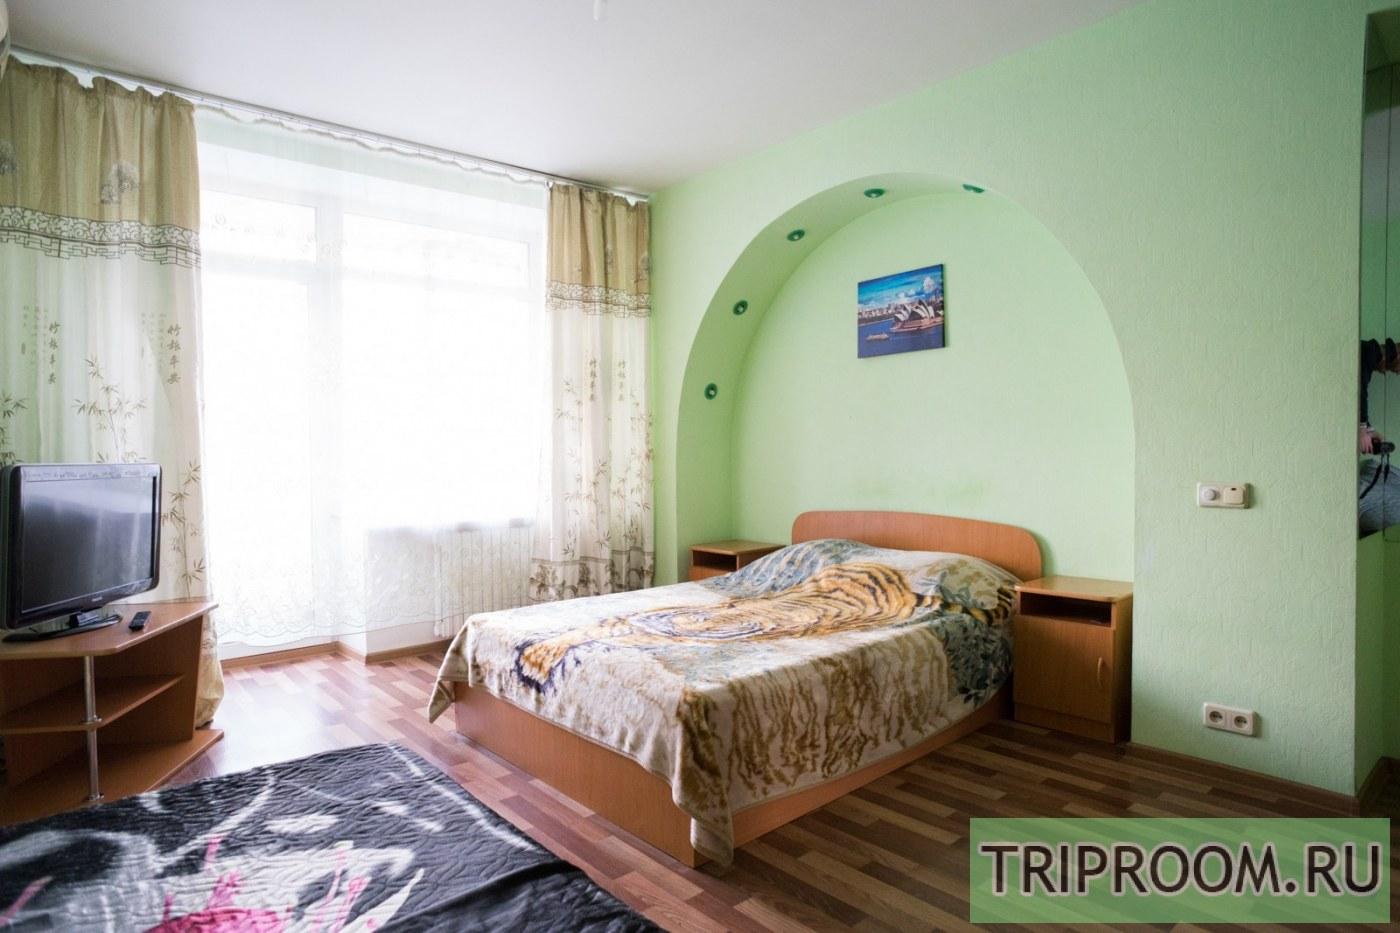 1-комнатная квартира посуточно (вариант № 40129), ул. Красноярский Рабочий проспект, фото № 3